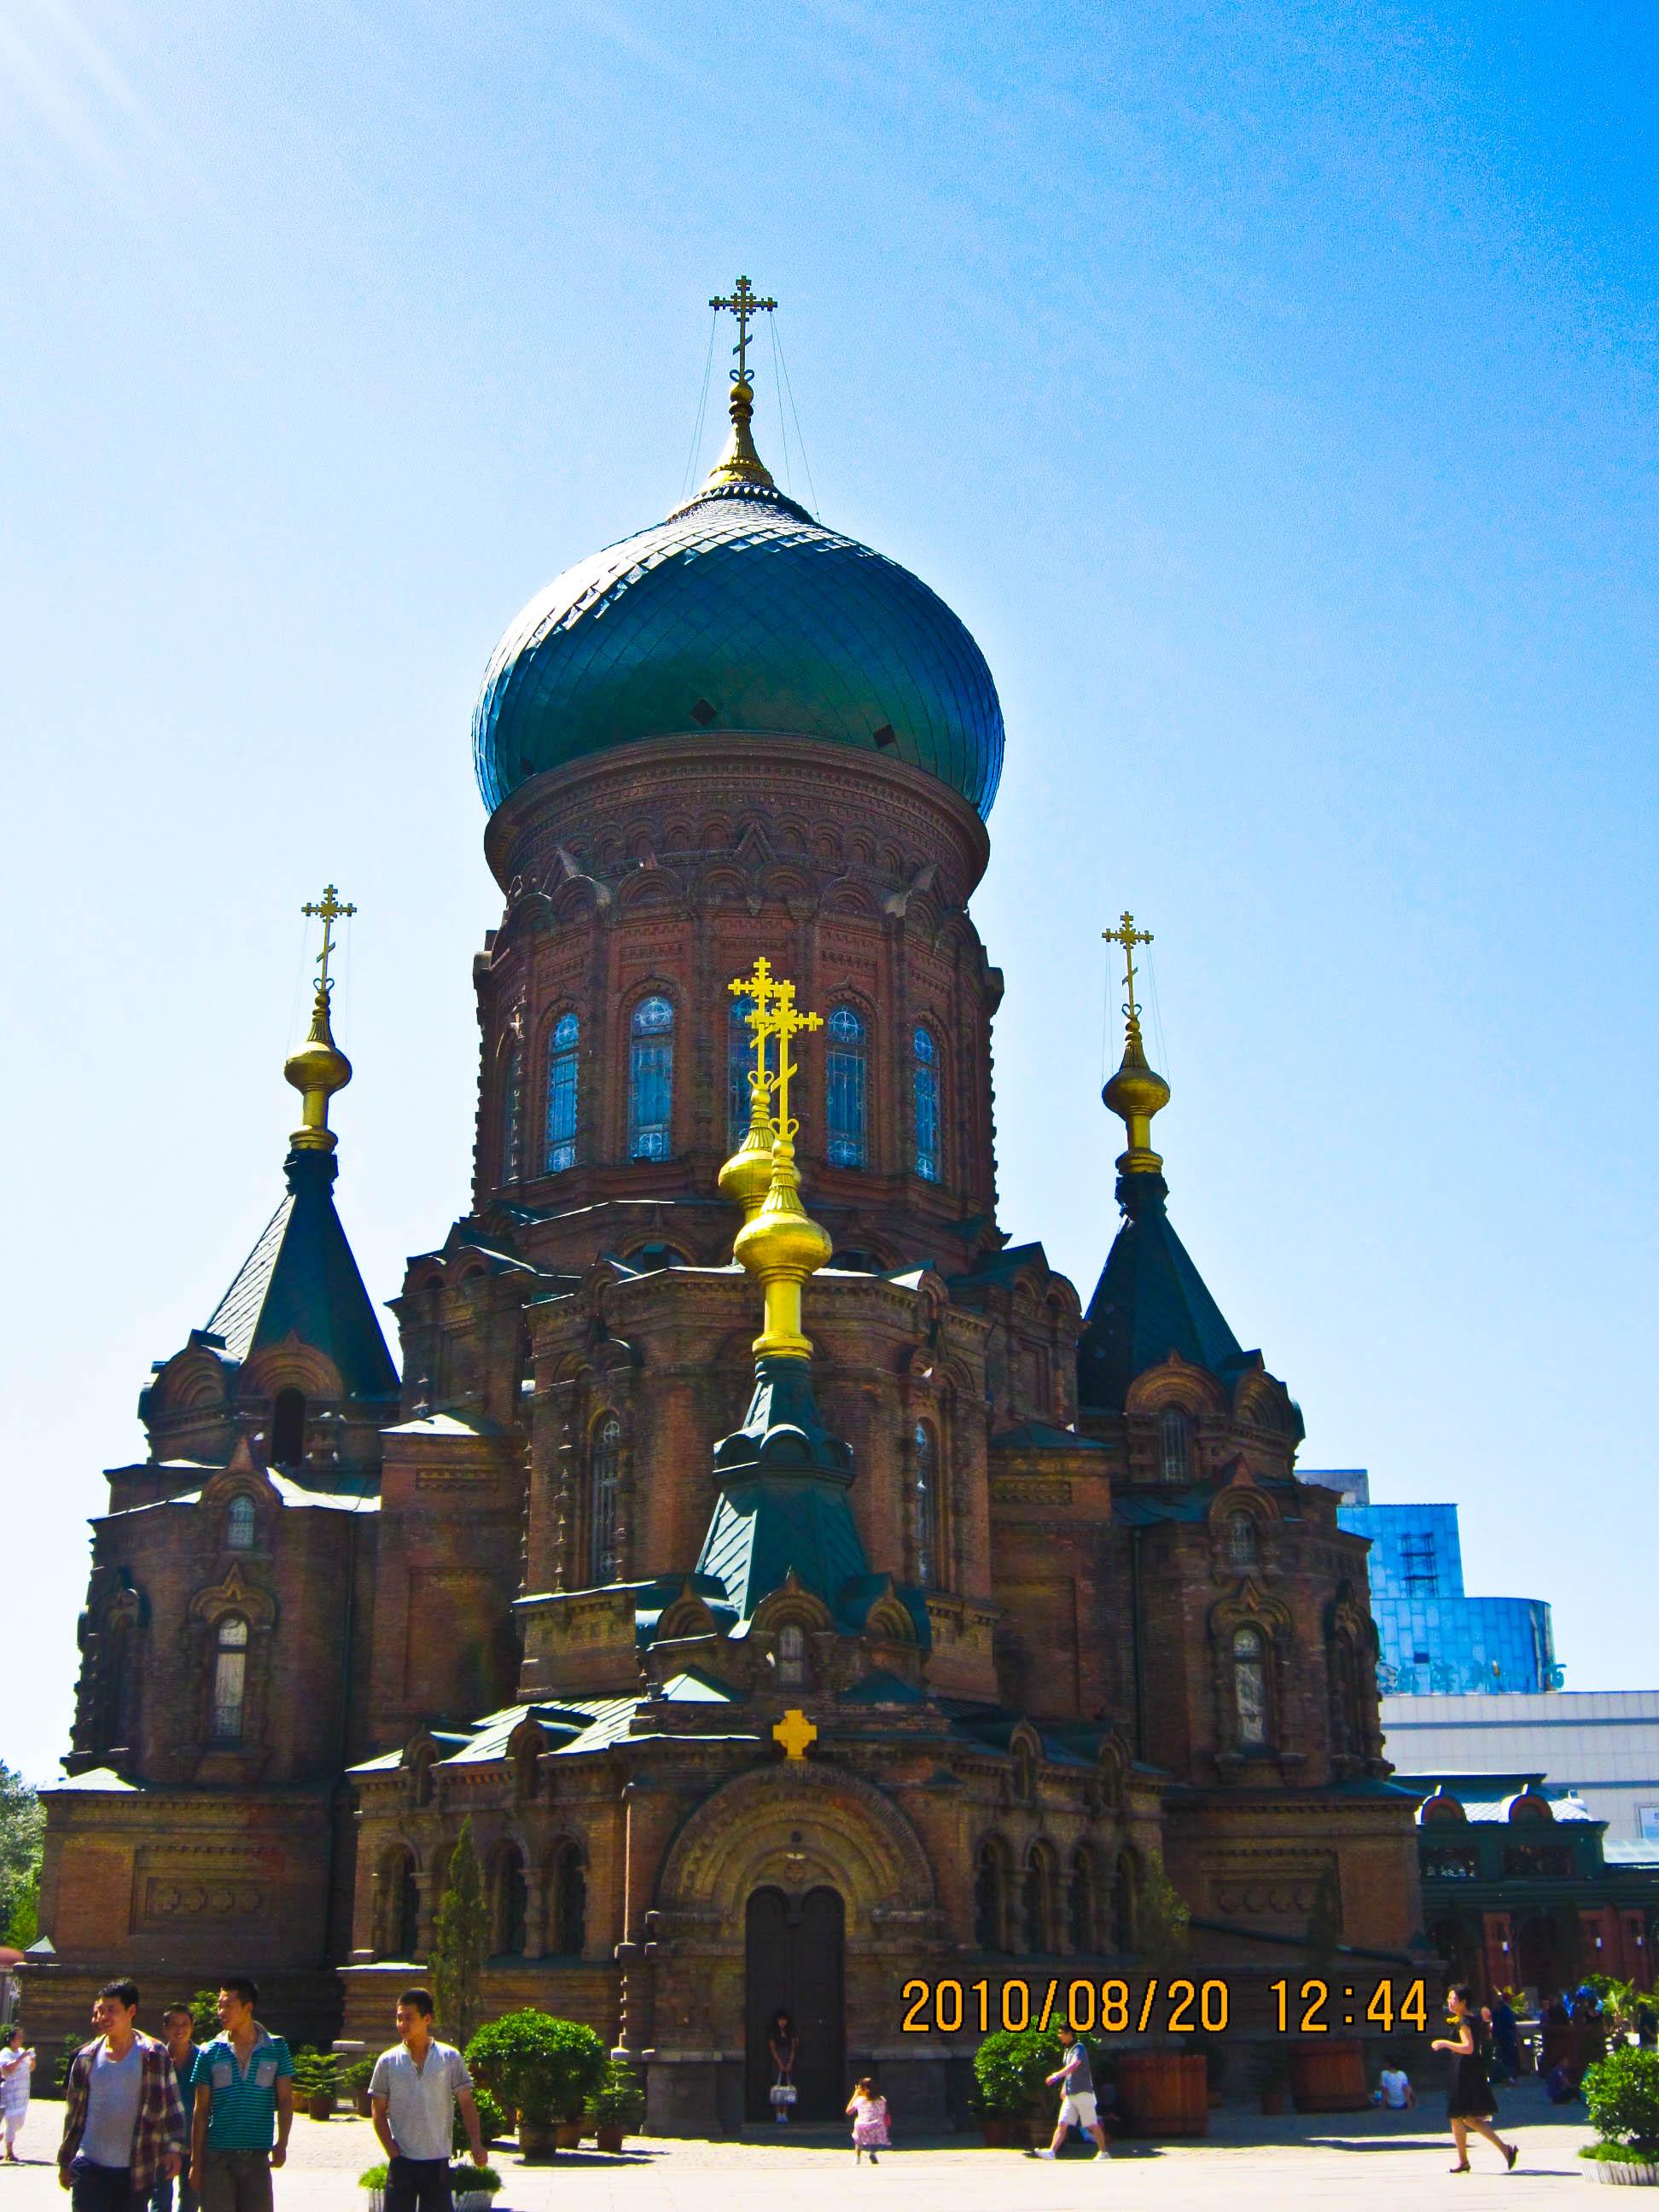 哈尔滨圣索菲亚大教堂手绘